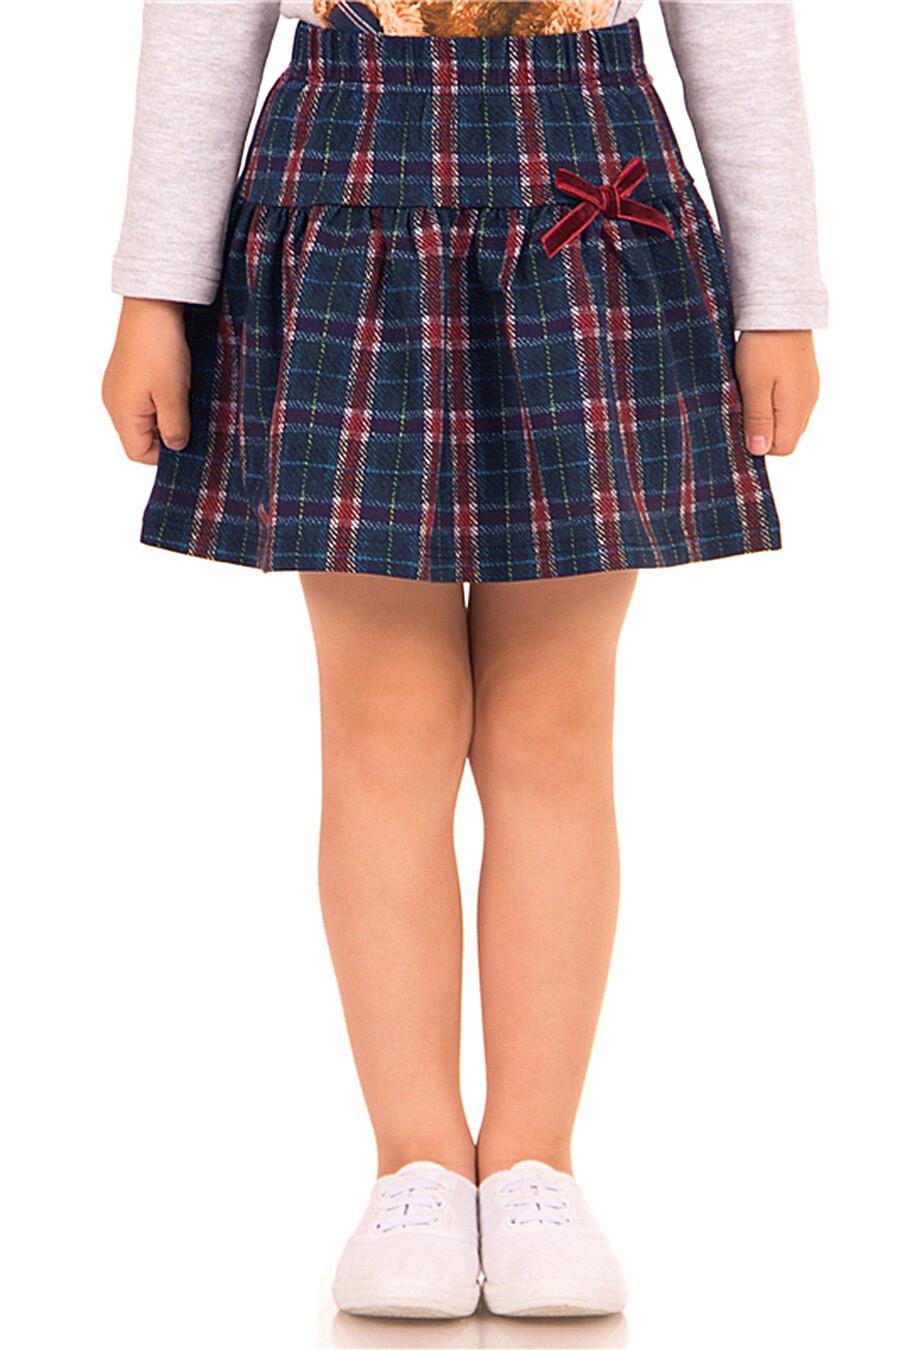 Юбка для девочек Archi 131423 купить оптом от производителя. Совместная покупка детской одежды в OptMoyo